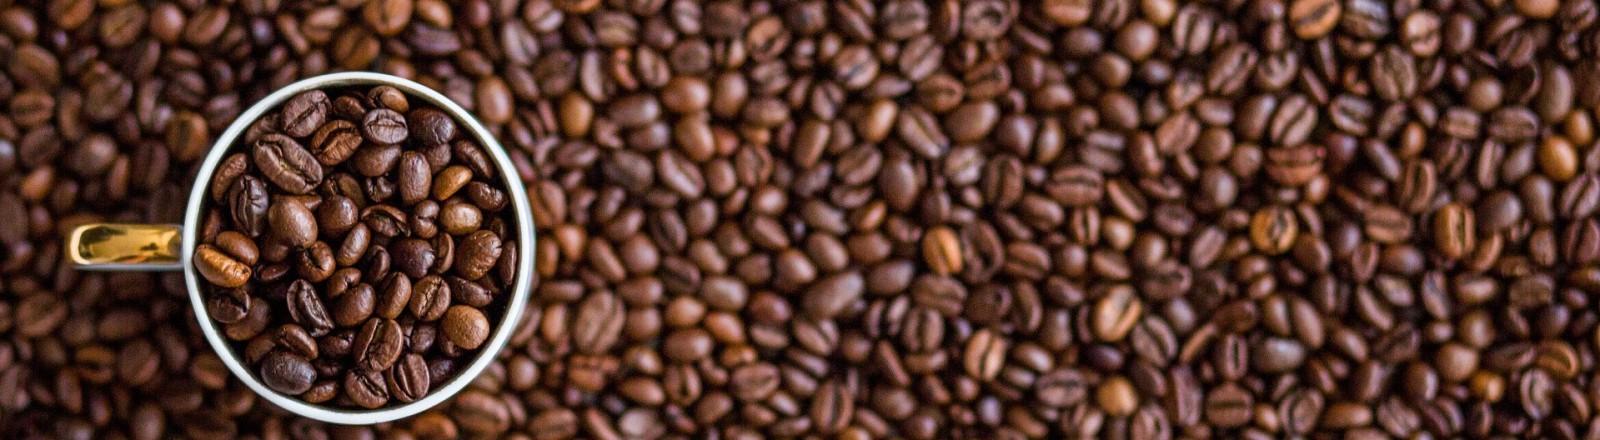 Werkt koffie laxerend?